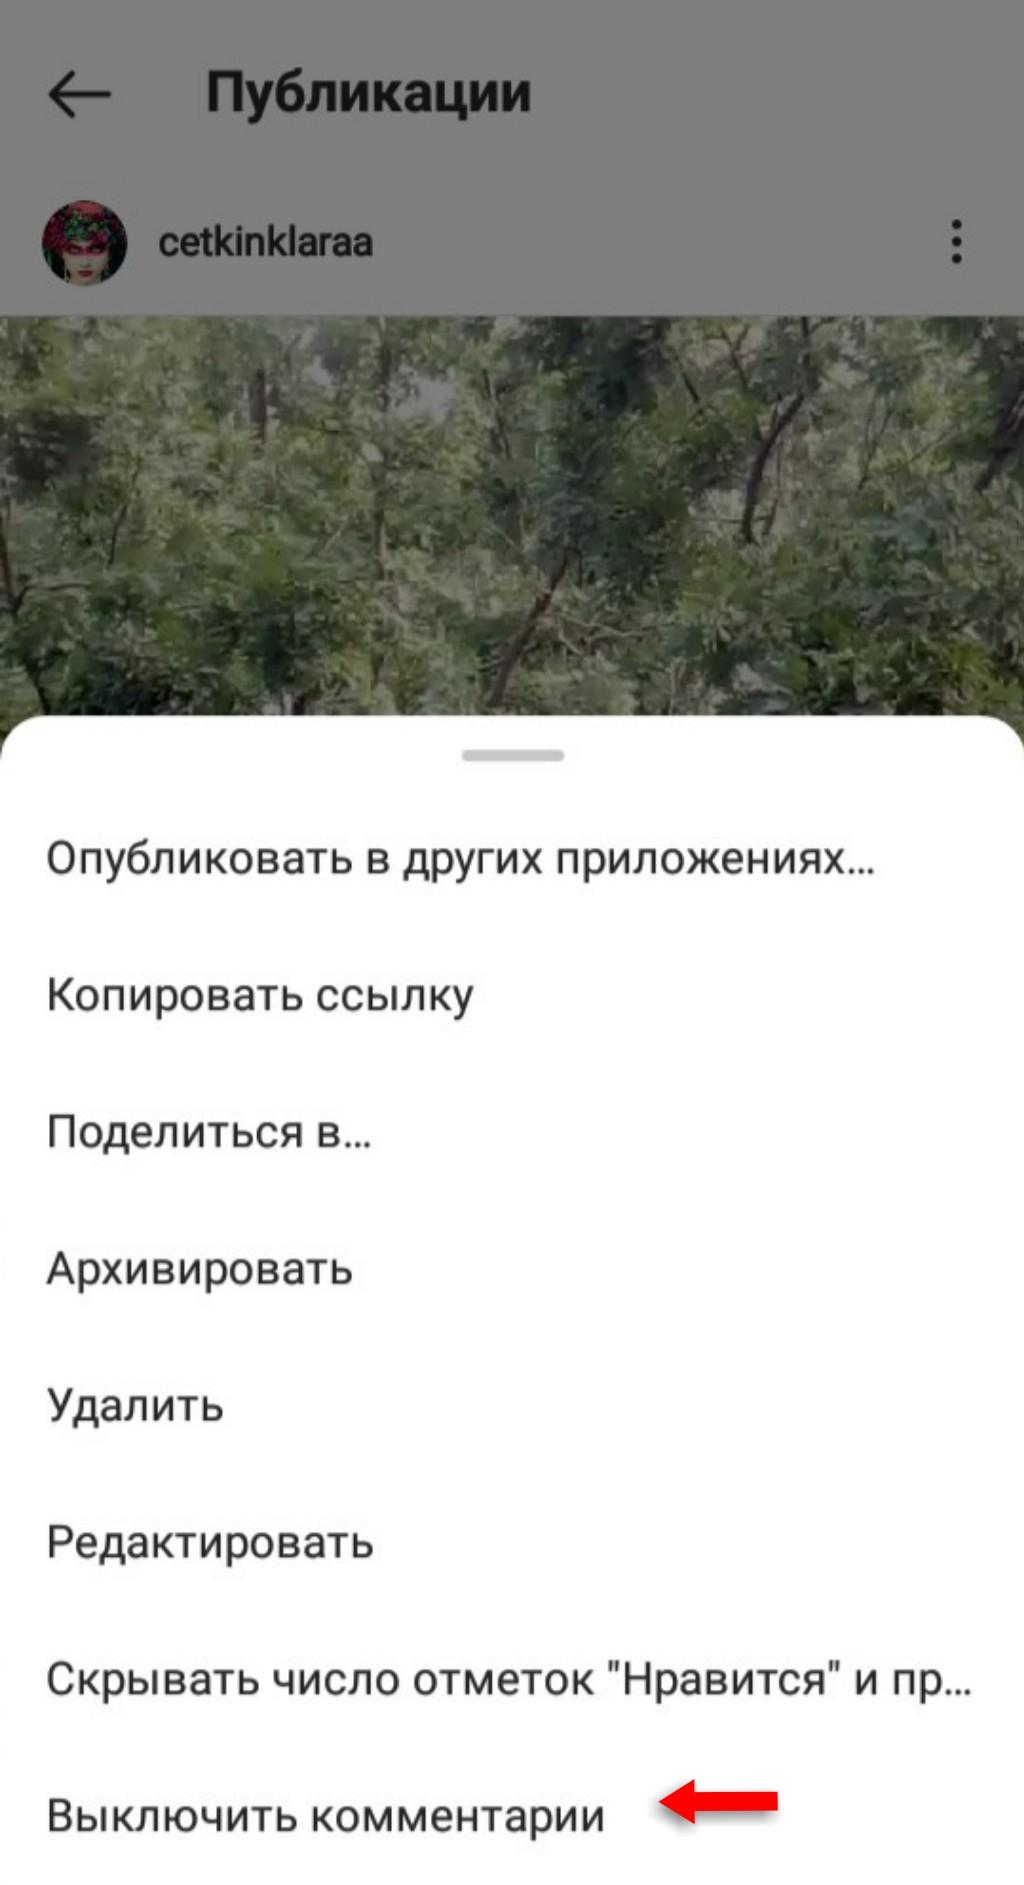 InFrame_1627616206778.jpg